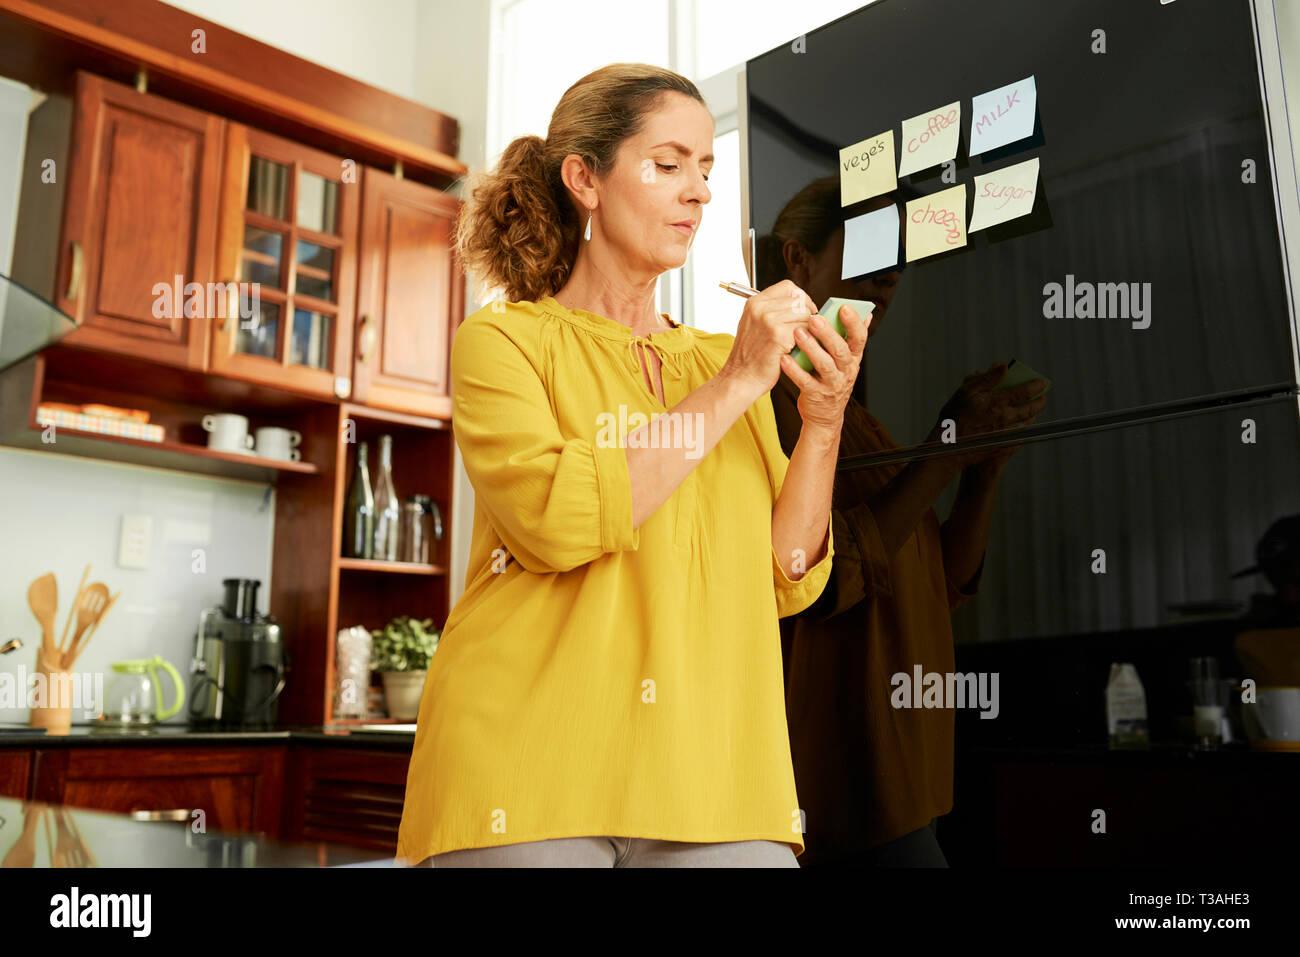 Housewife sticking notes on fridge - Stock Image